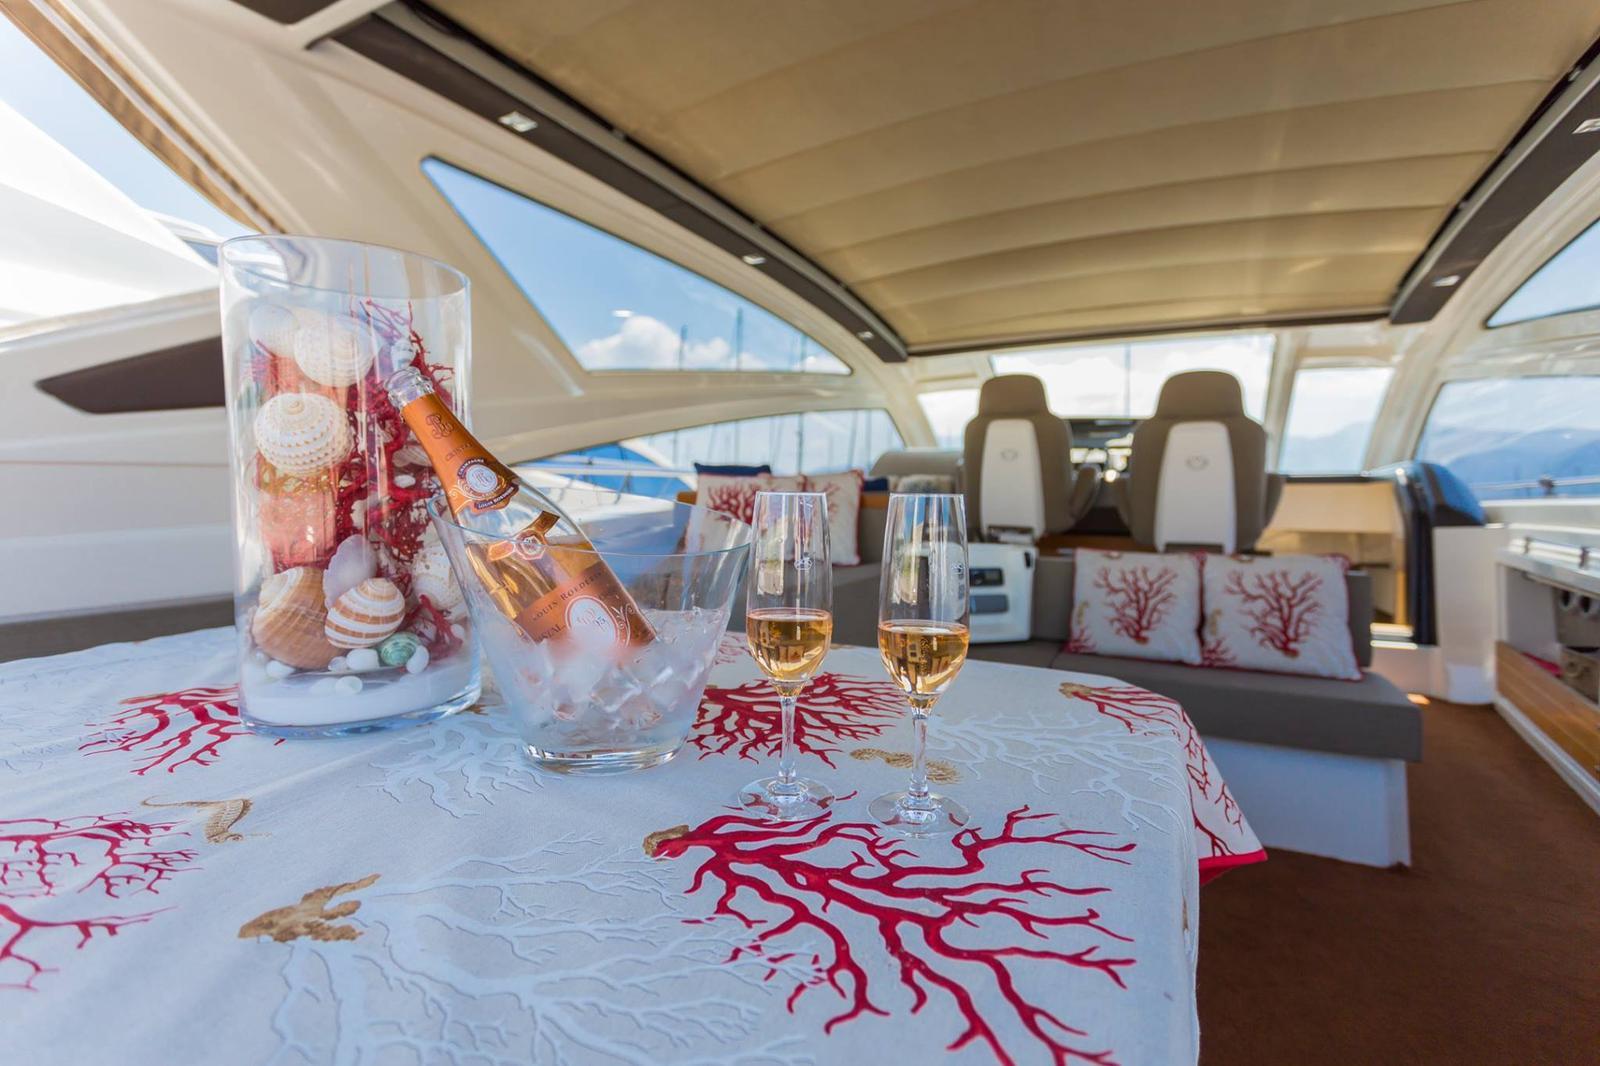 luxury cars & yachts scafati, sposi in campania, sposi campania, matrimonio campania, matrimoni campania, noleggio auto campania, noleggio barche campania, yachts campania, autonoleggio campania, auto di lusso campania, noleggio di lusso campania